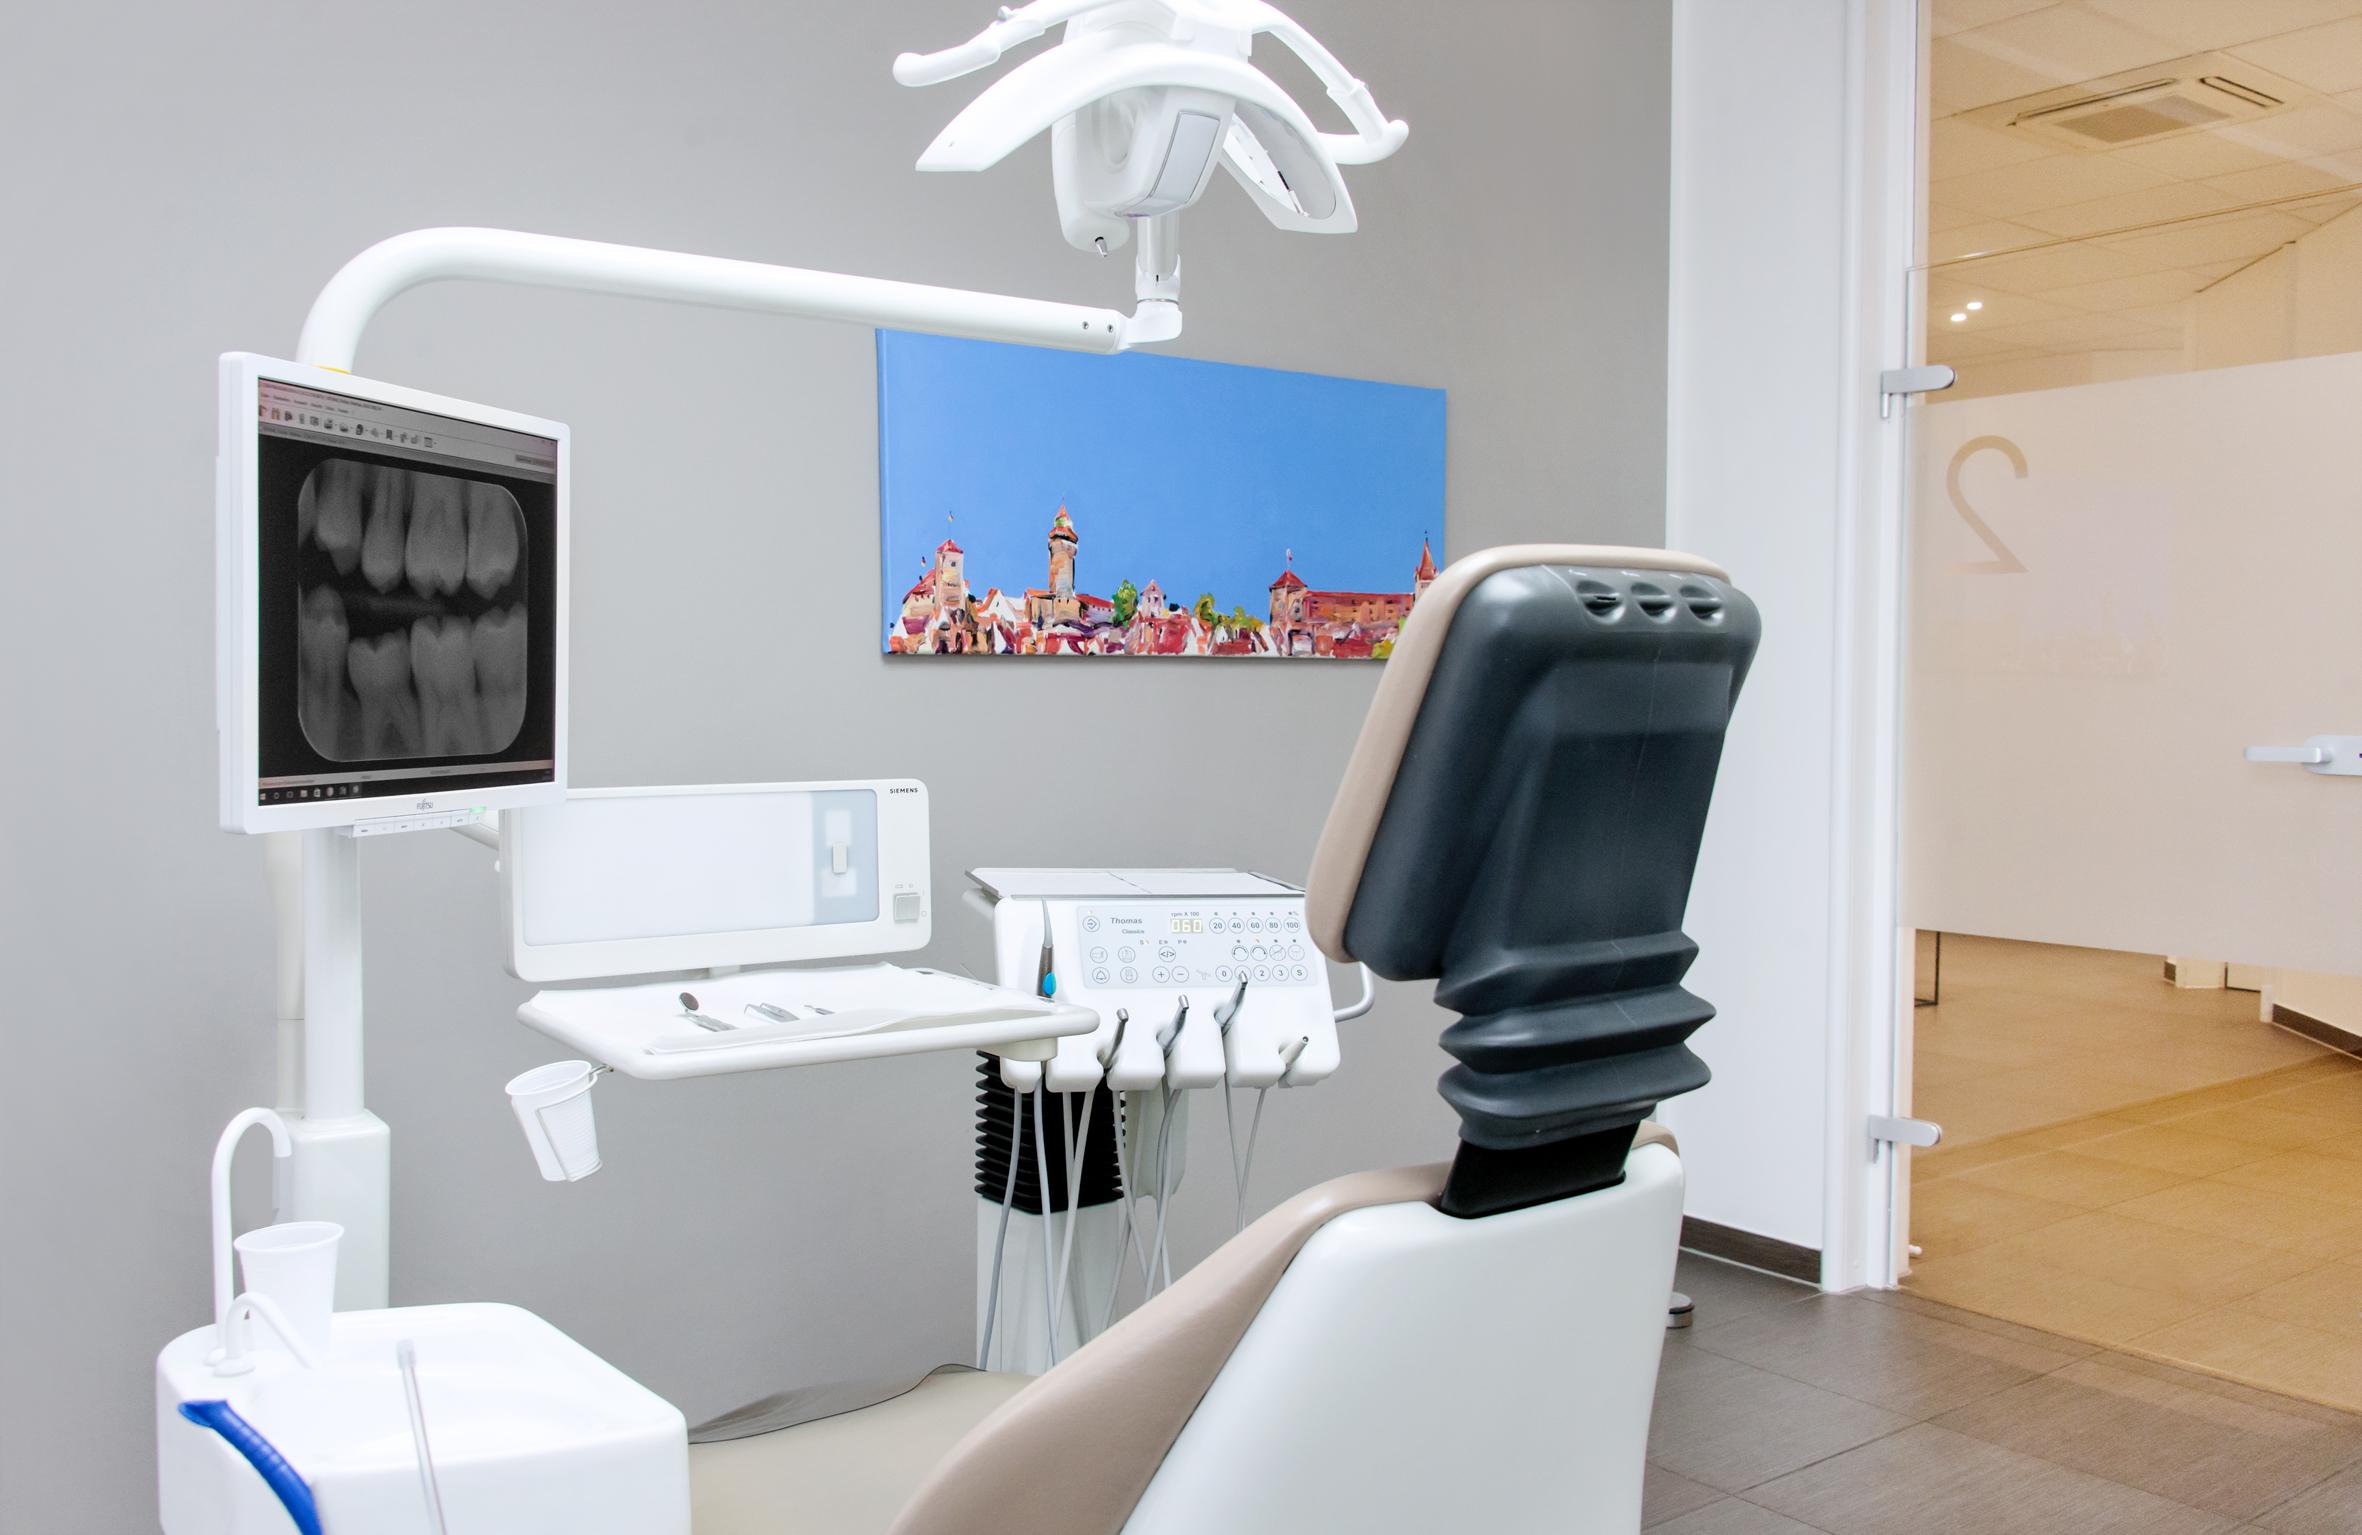 Zahnärzte Dr. Dotzler & Dr. Krupka Behandlungszimmer 2